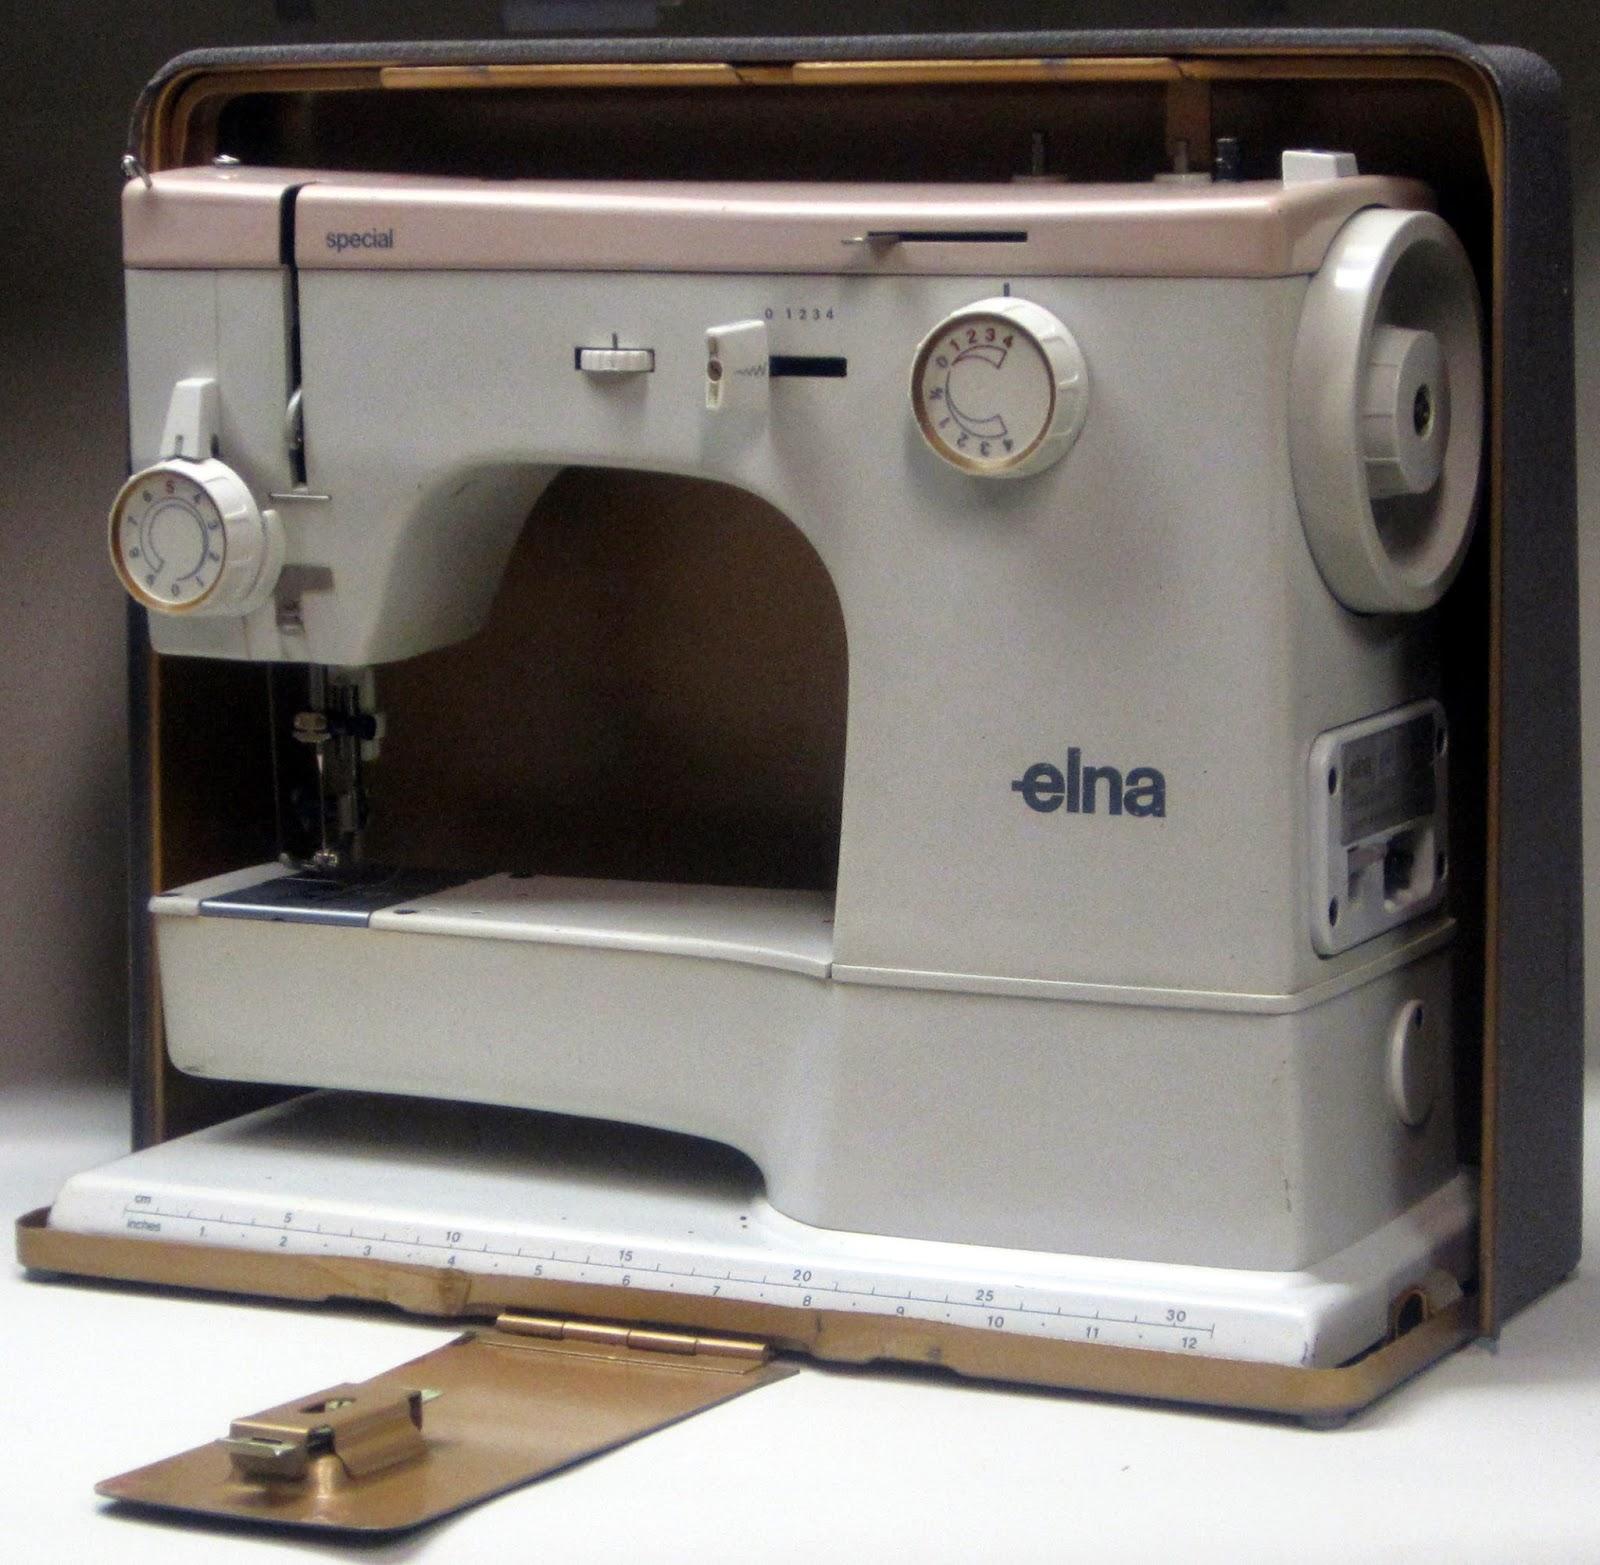 mi vintage sewing machines elna special 1969 rh mivintagesewingmachines blogspot com elna sewing machine manual free elna sewing machine manual pdf